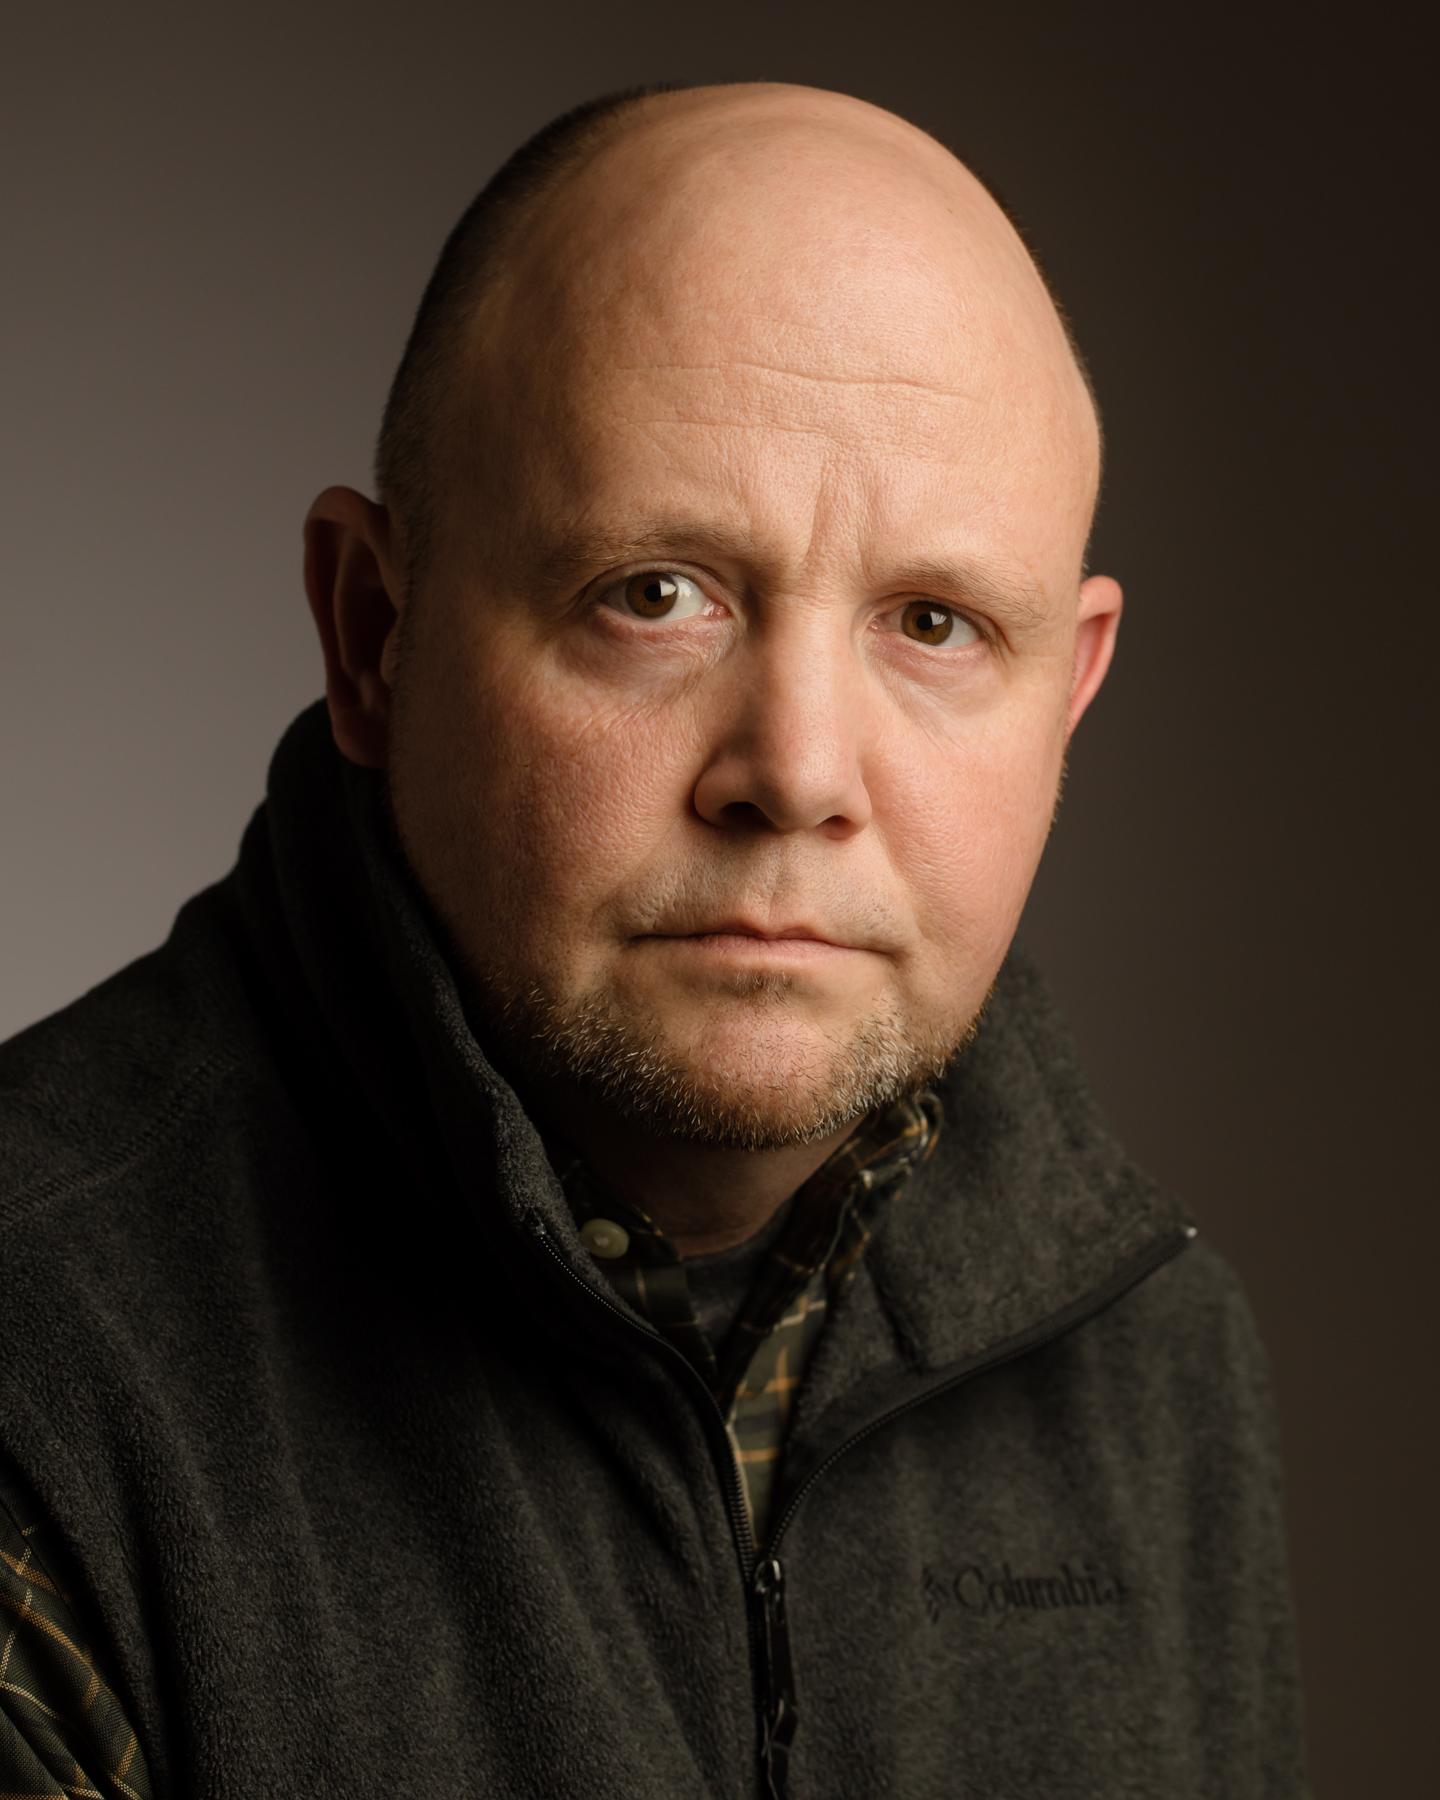 L. Brian Stauffer